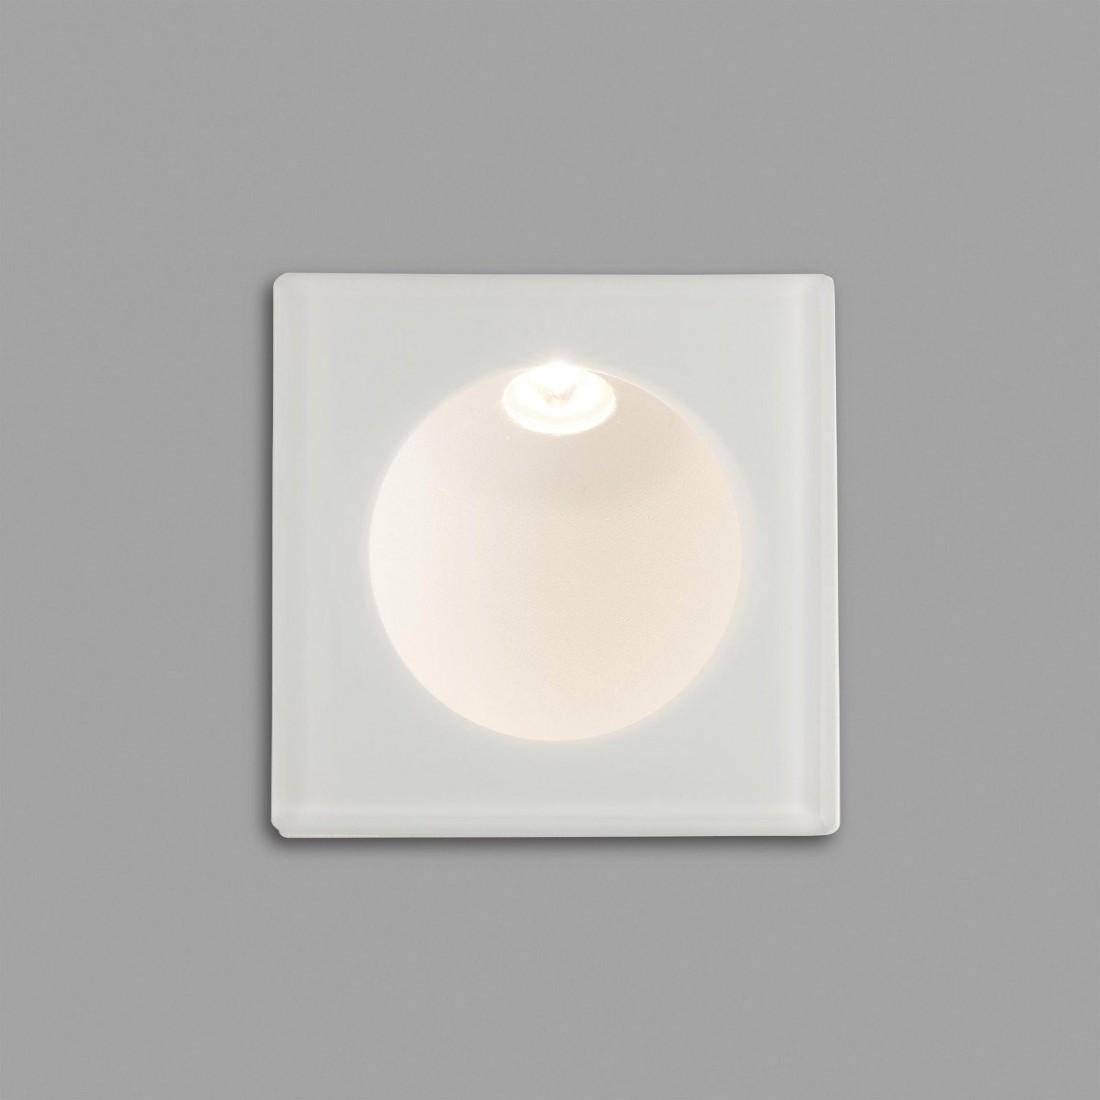 Lamparas Para Baño Baratas:lamparas de forja baratas, lamparas baratas, comprar lamparas forja